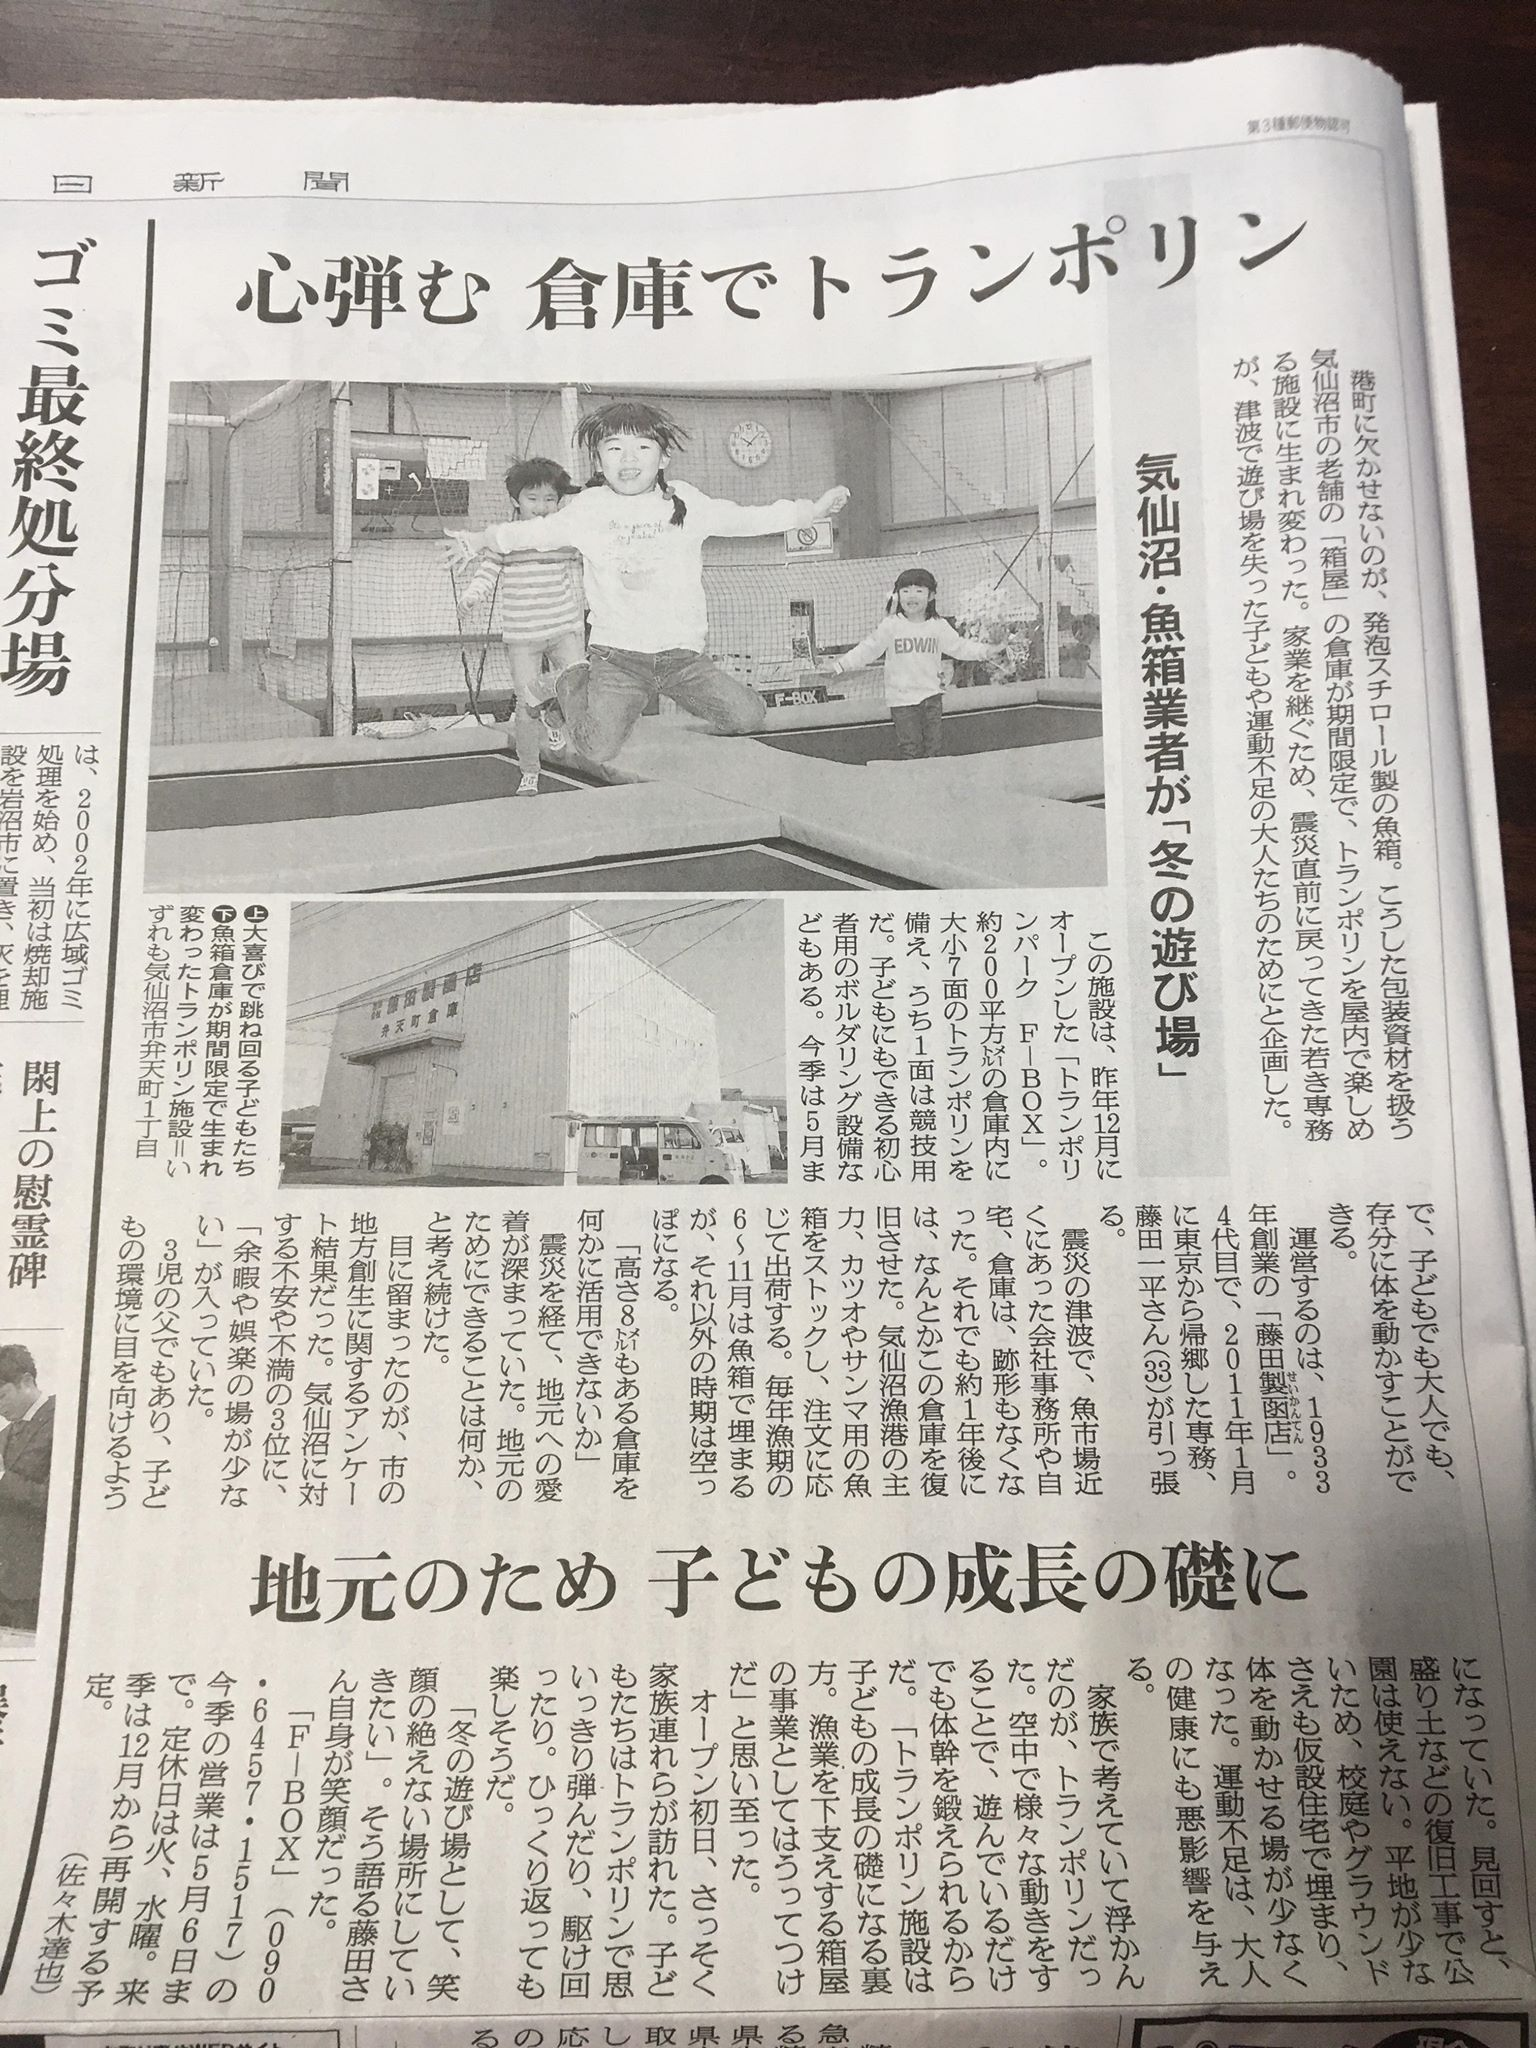 朝日新聞 2019.01.16